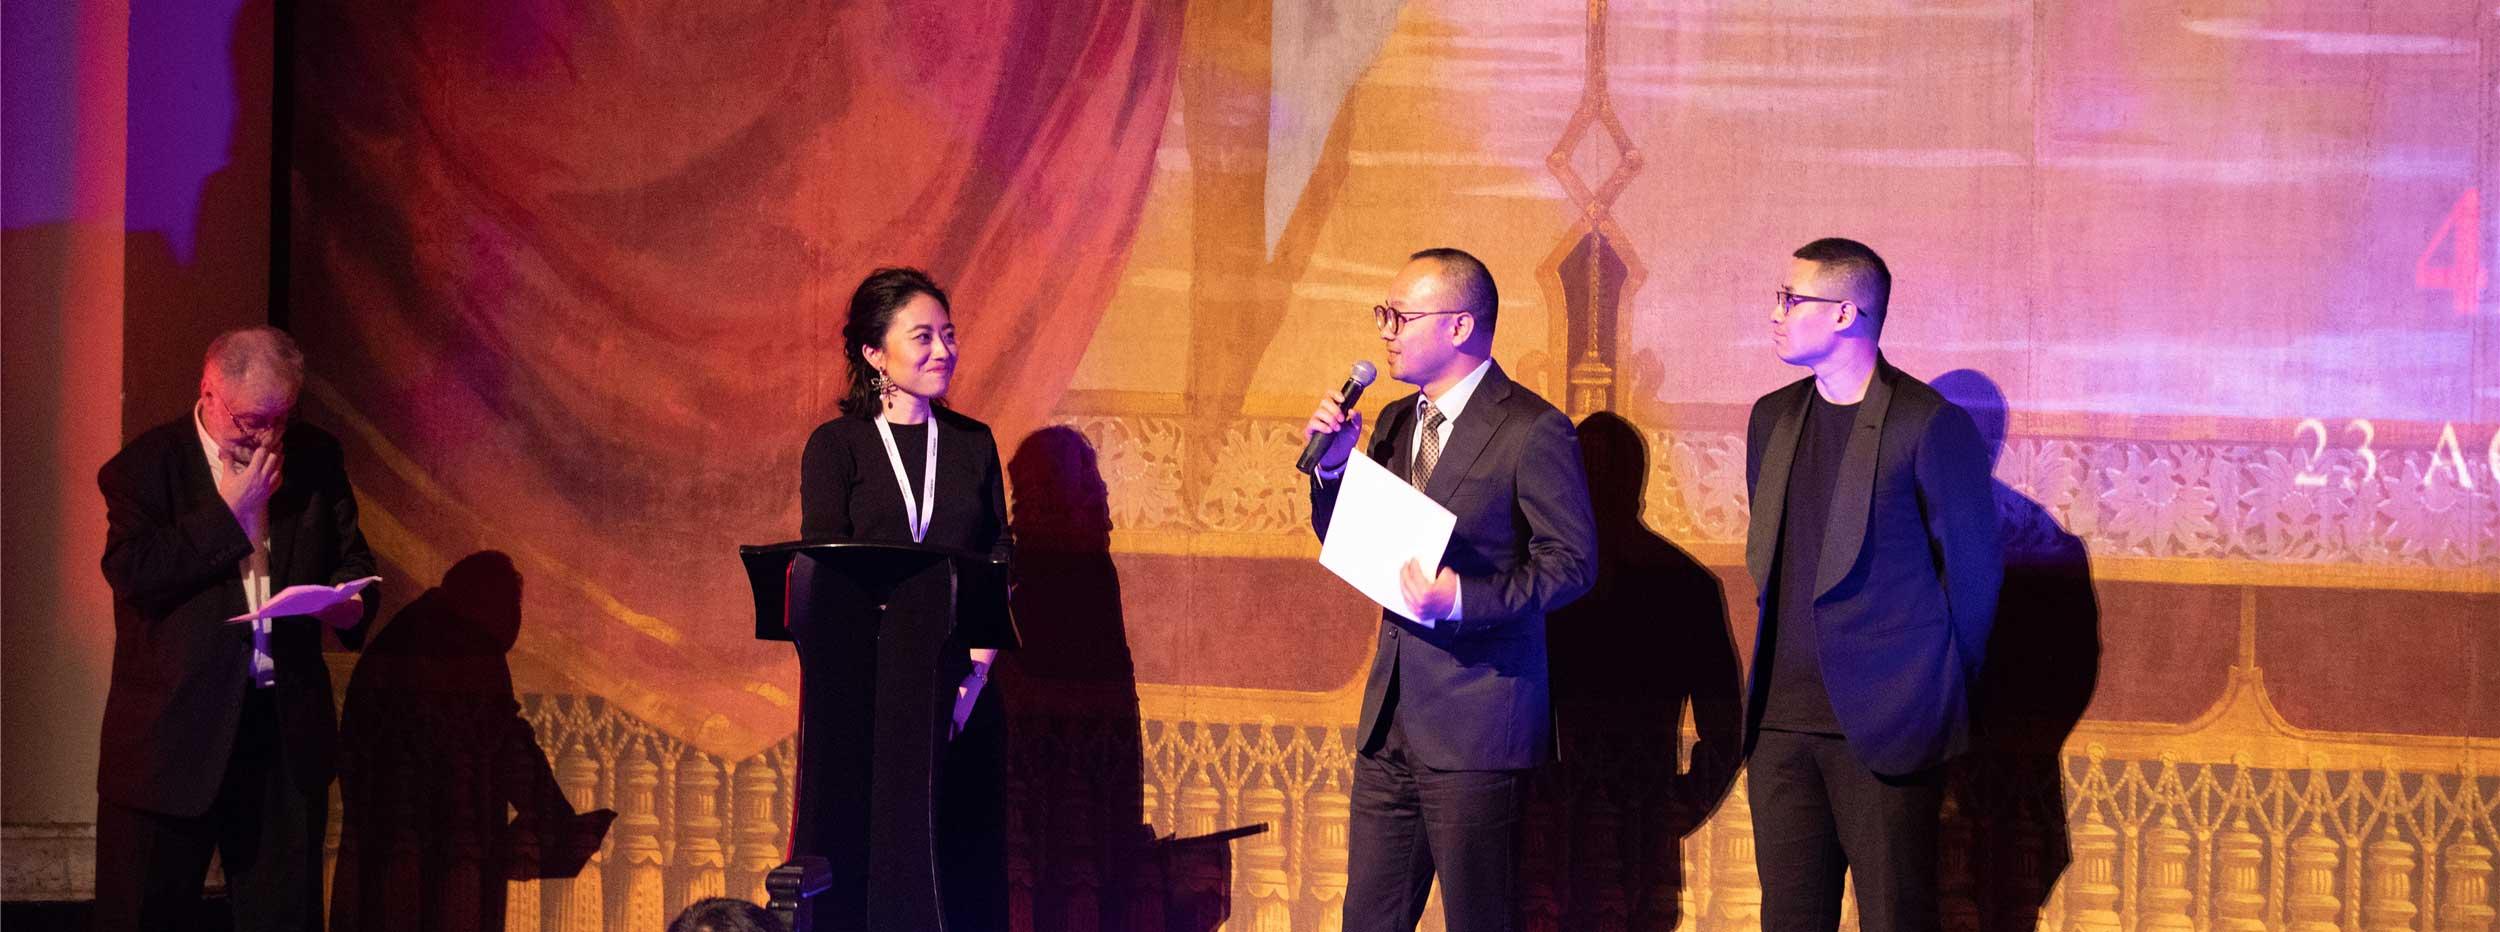 《我不是药神》蒙特利尔国际电影节获奖